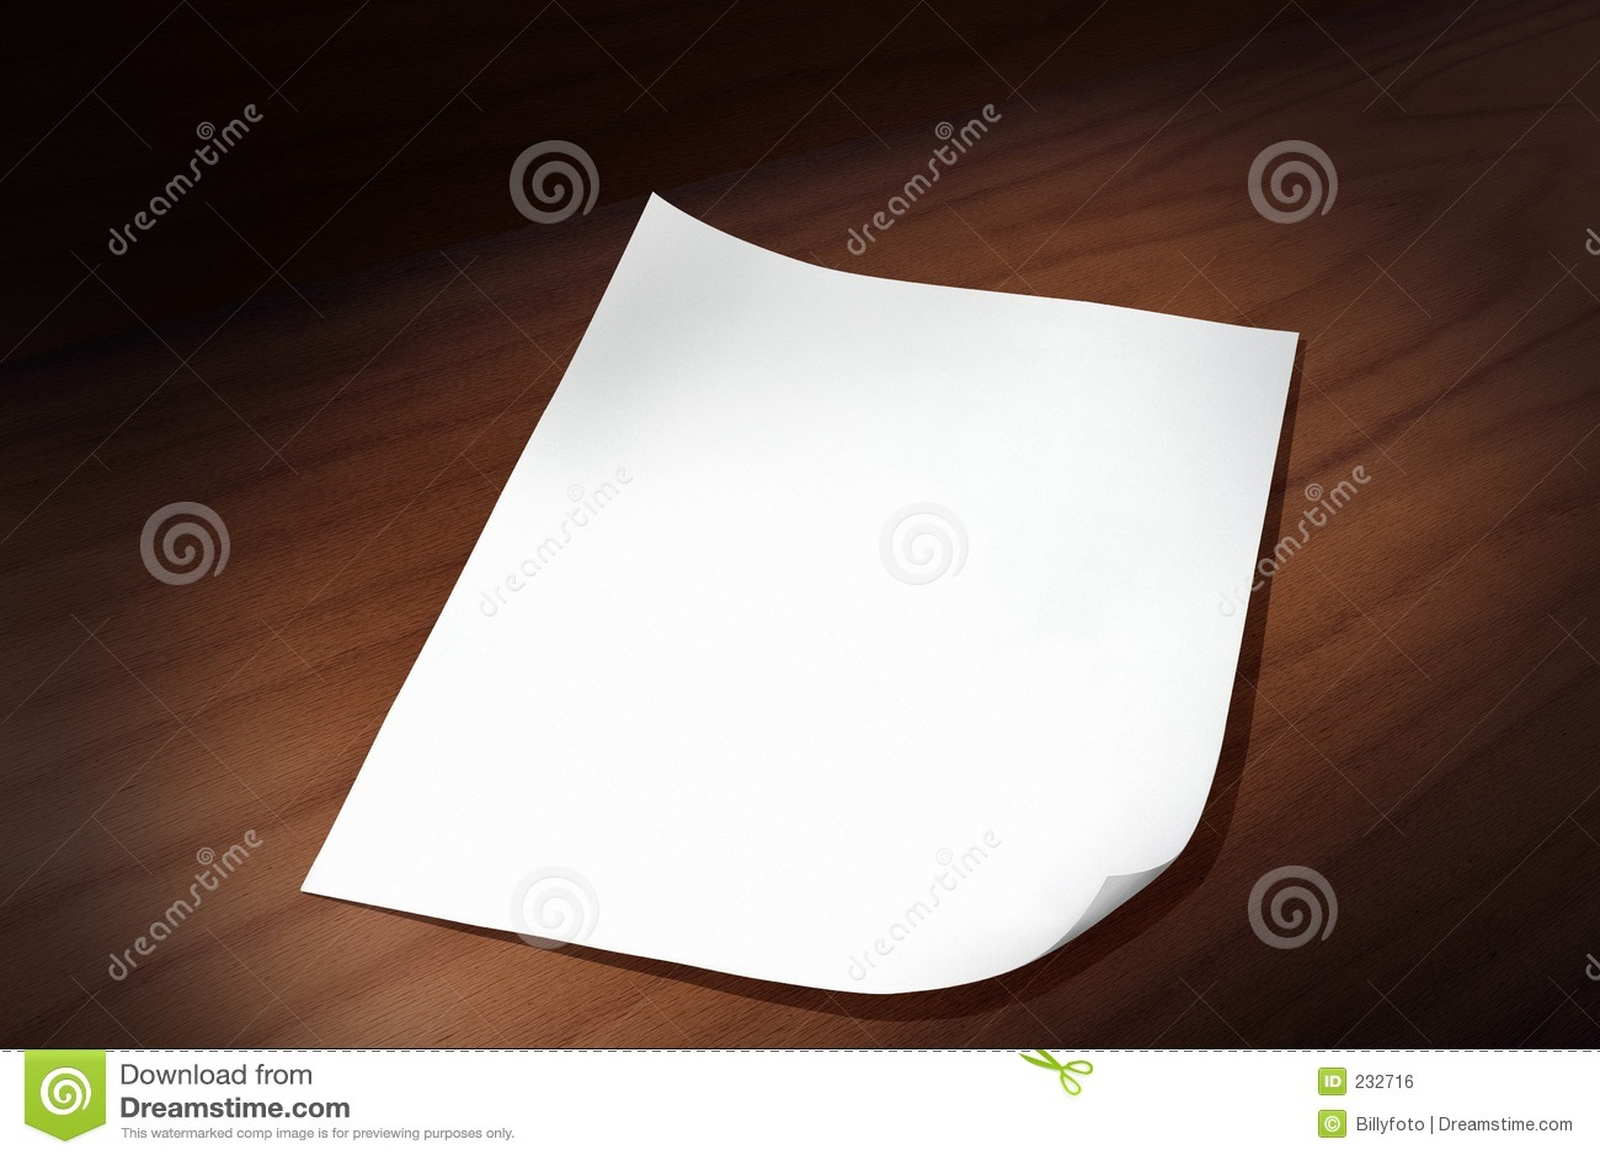 Foglio di carta immagine stock libera da diritti - Foglio laminato bianco ...